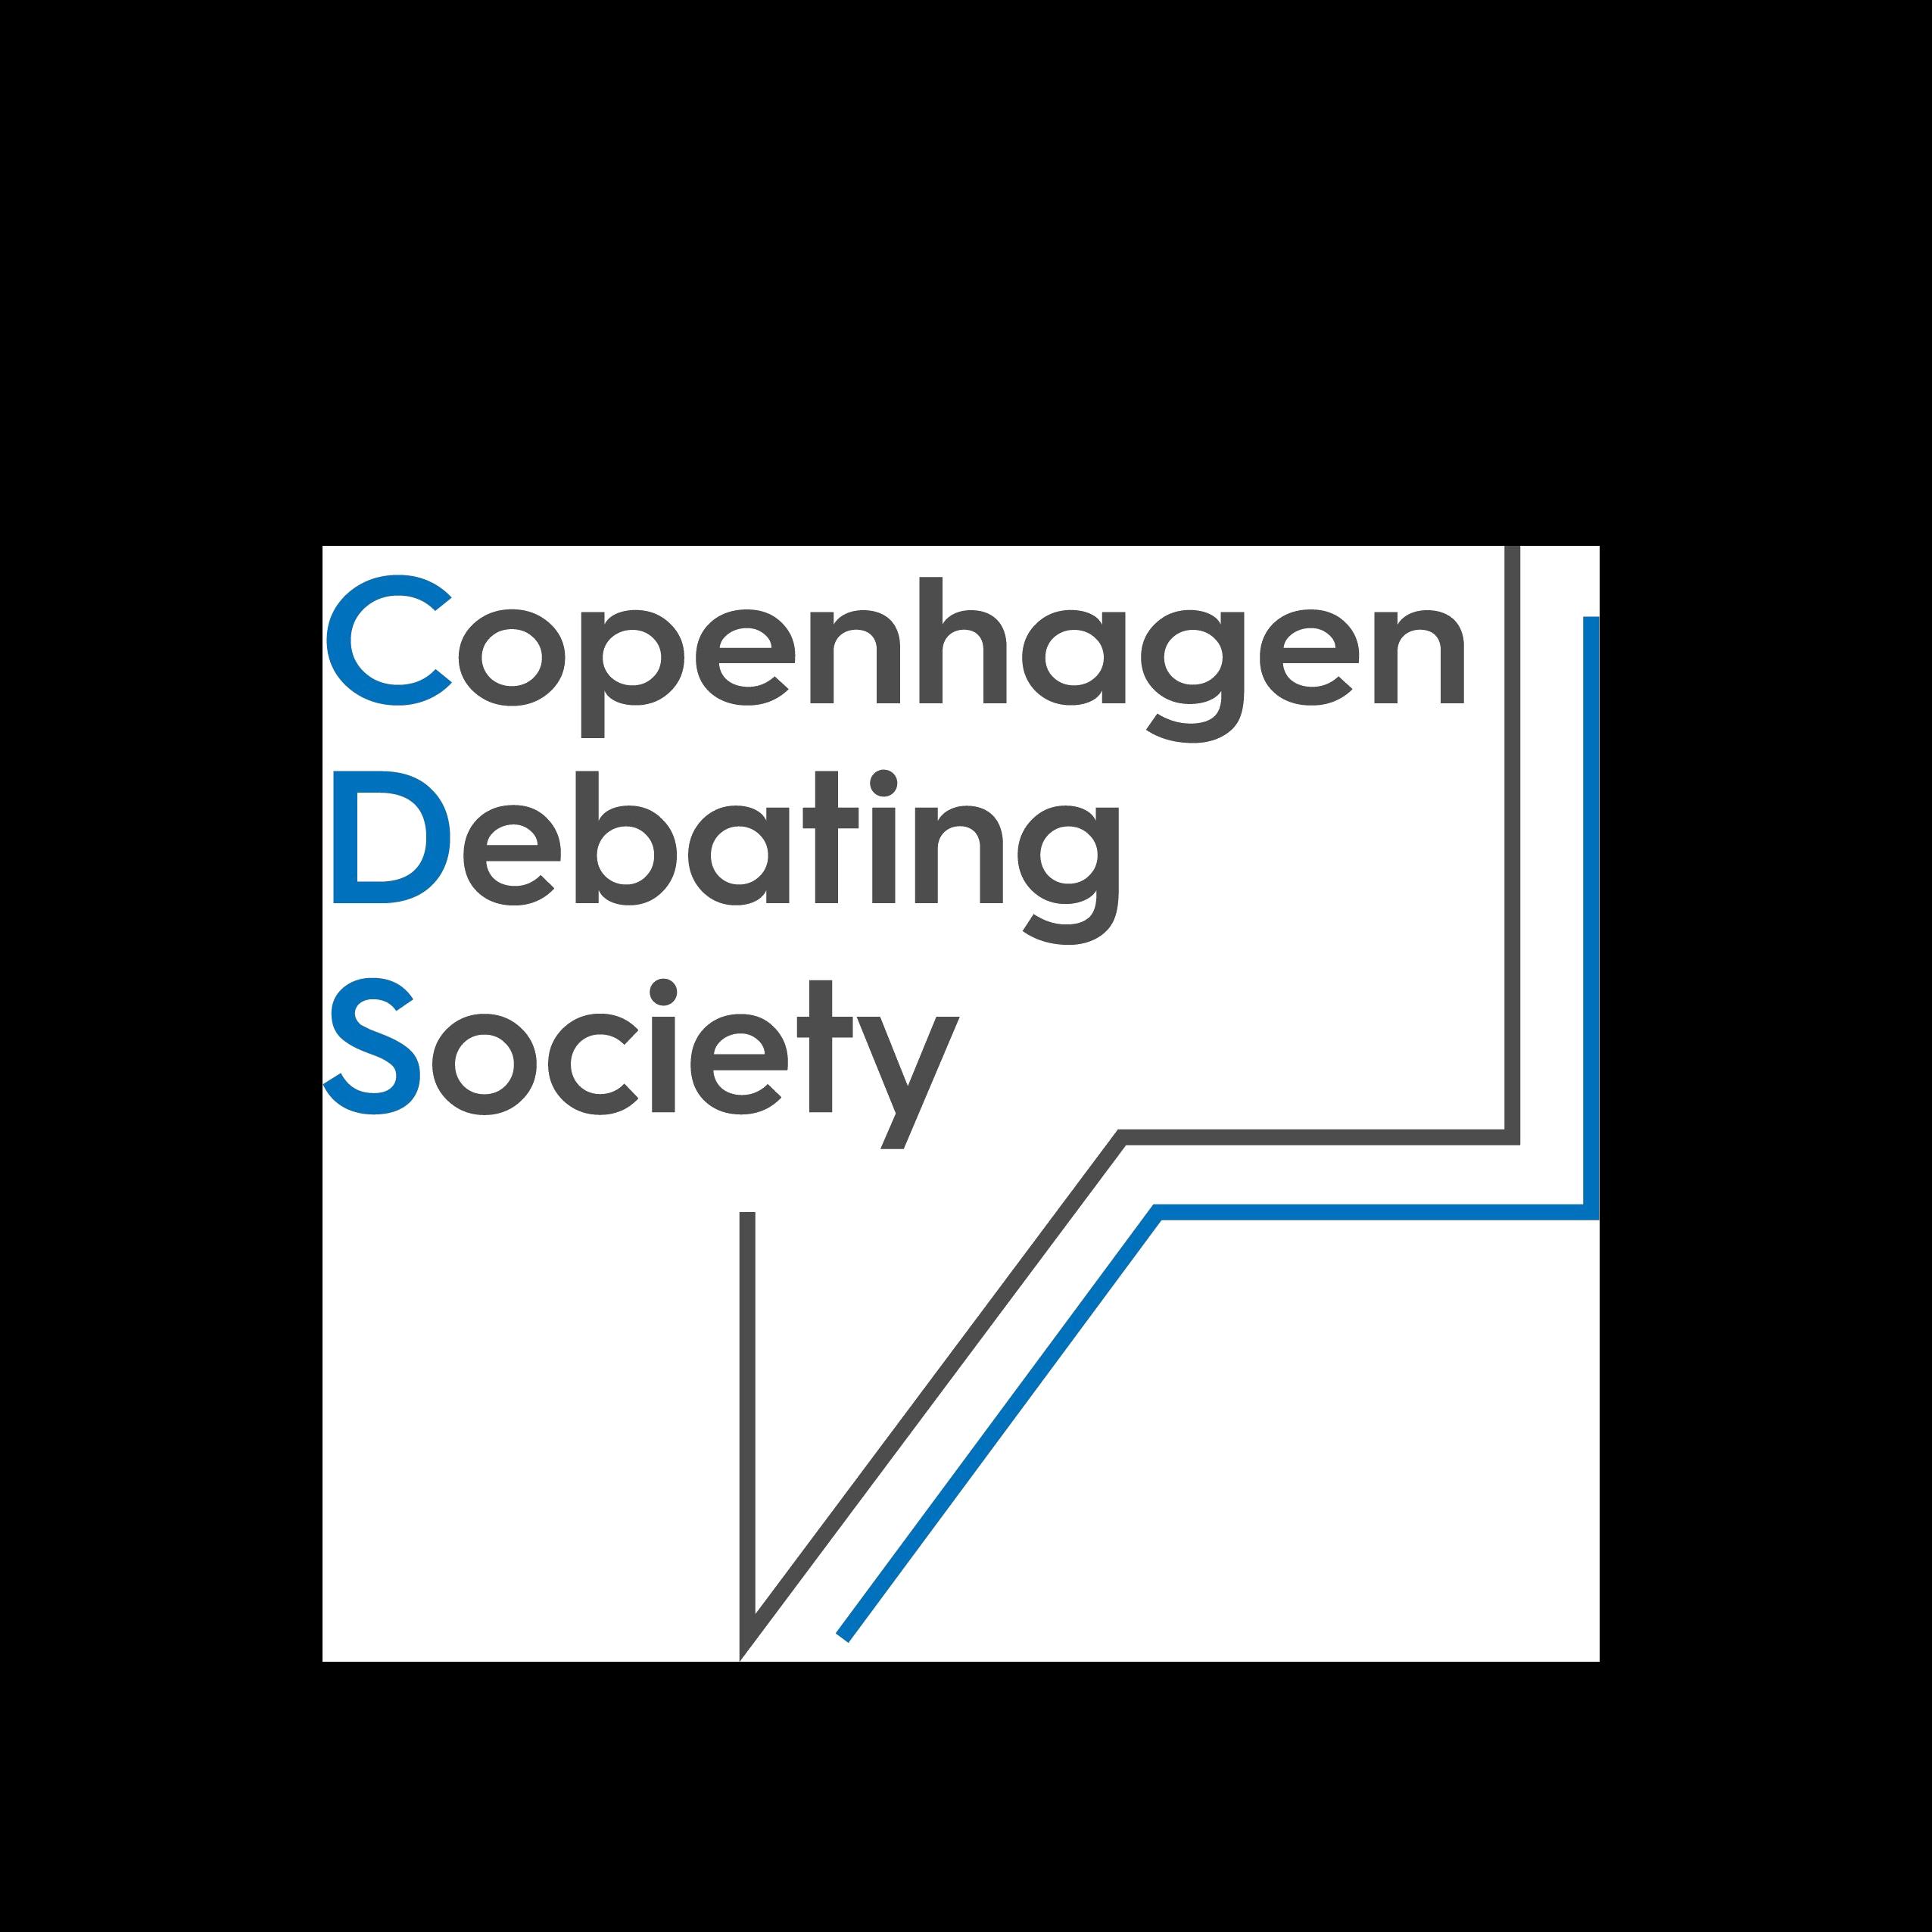 Copenhagen Debating Society